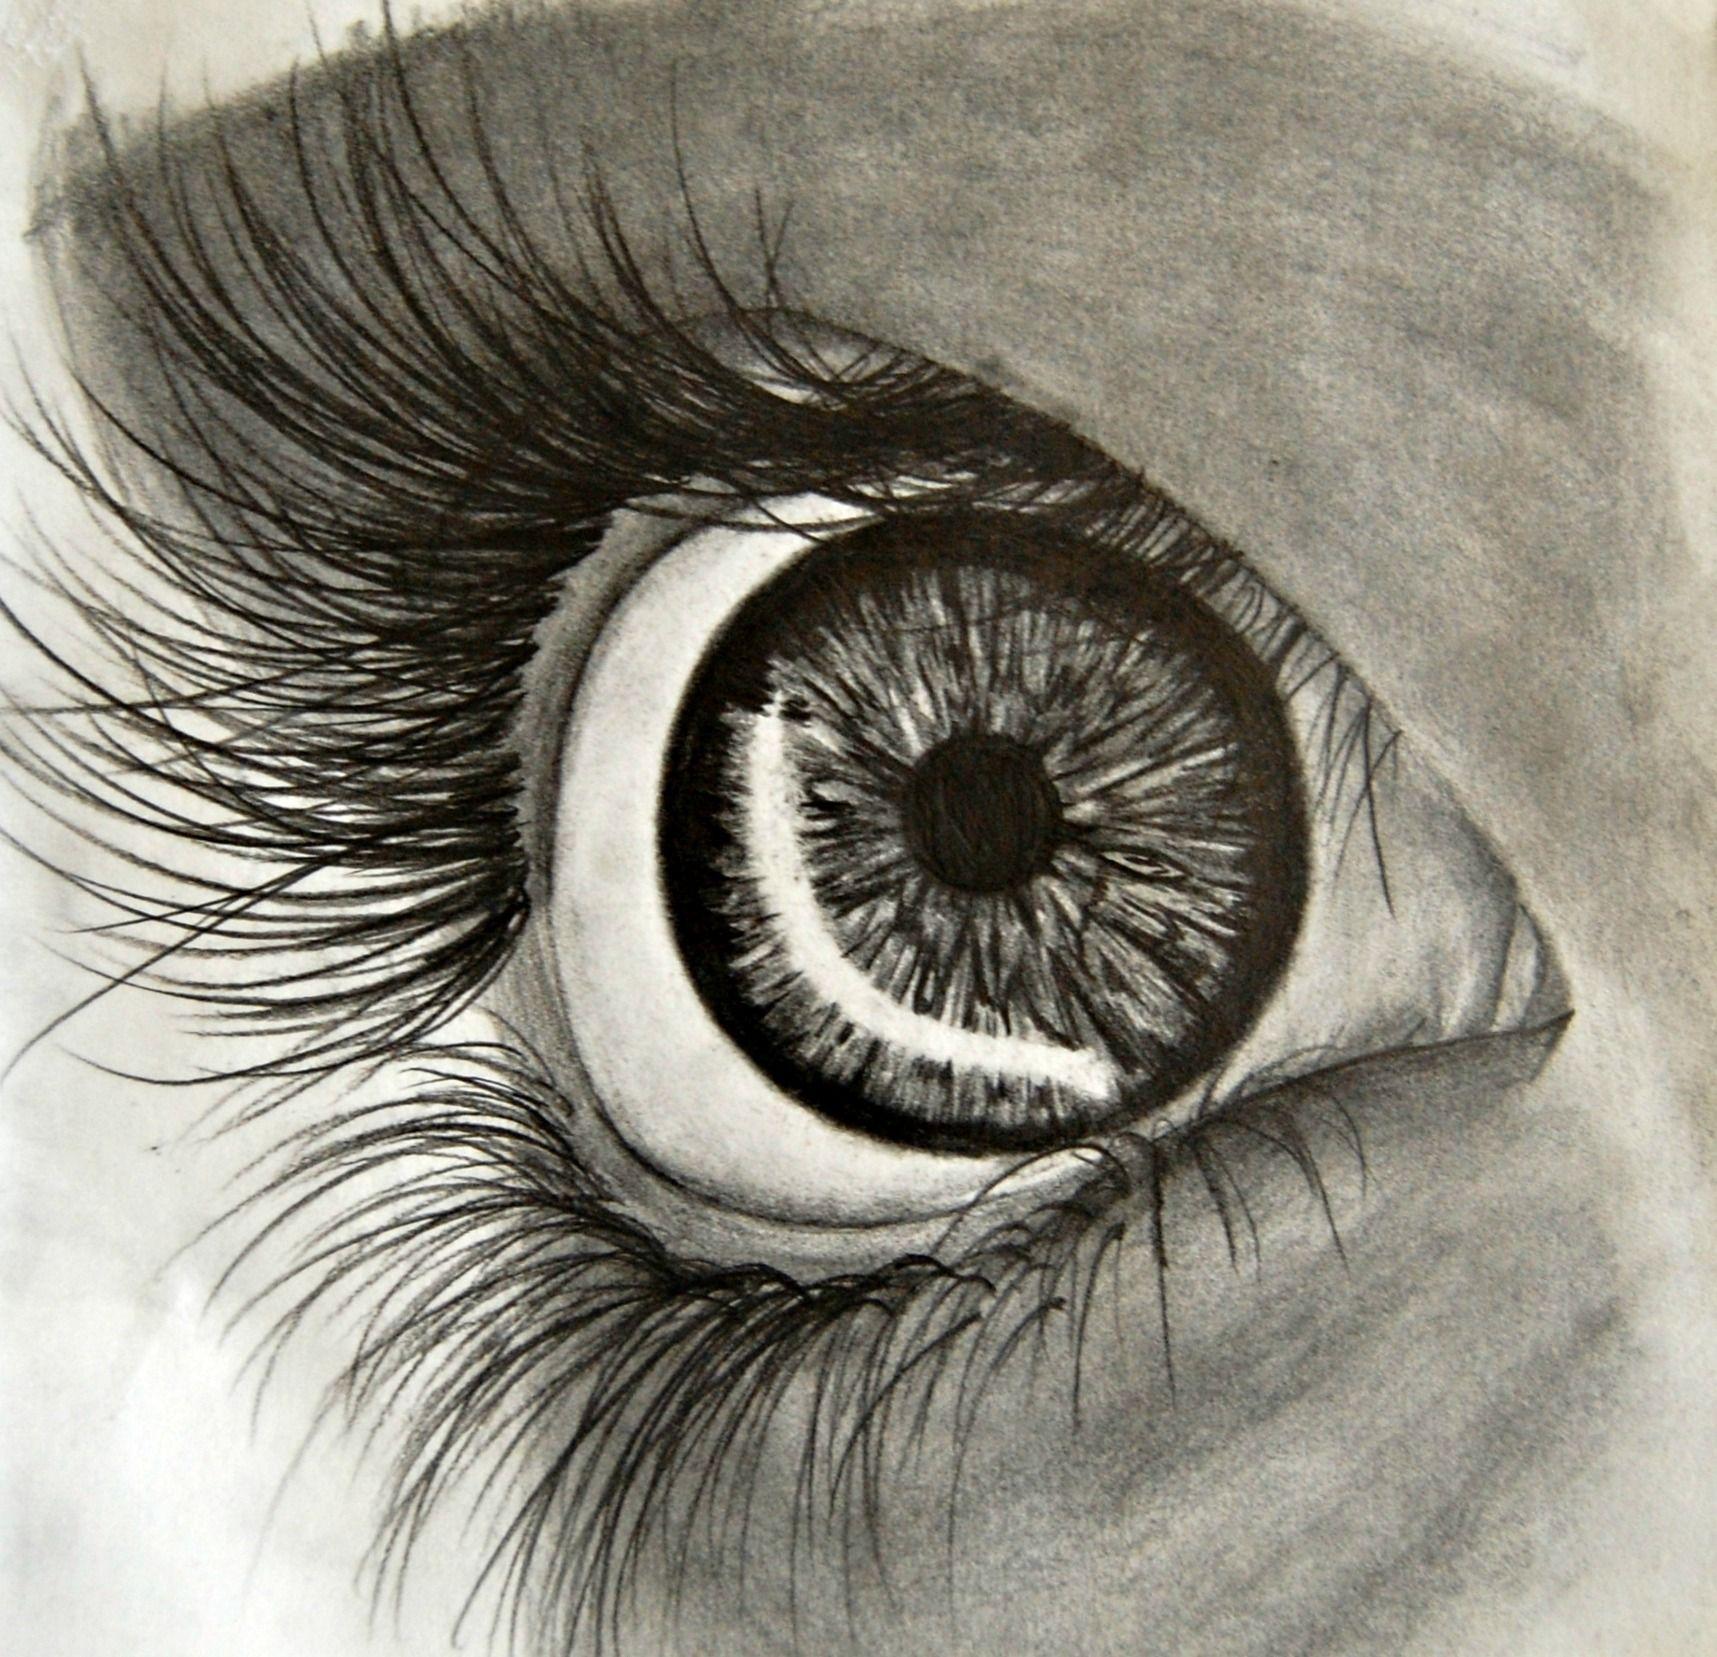 Scared eye | Eye sketch, My drawings, Sketches